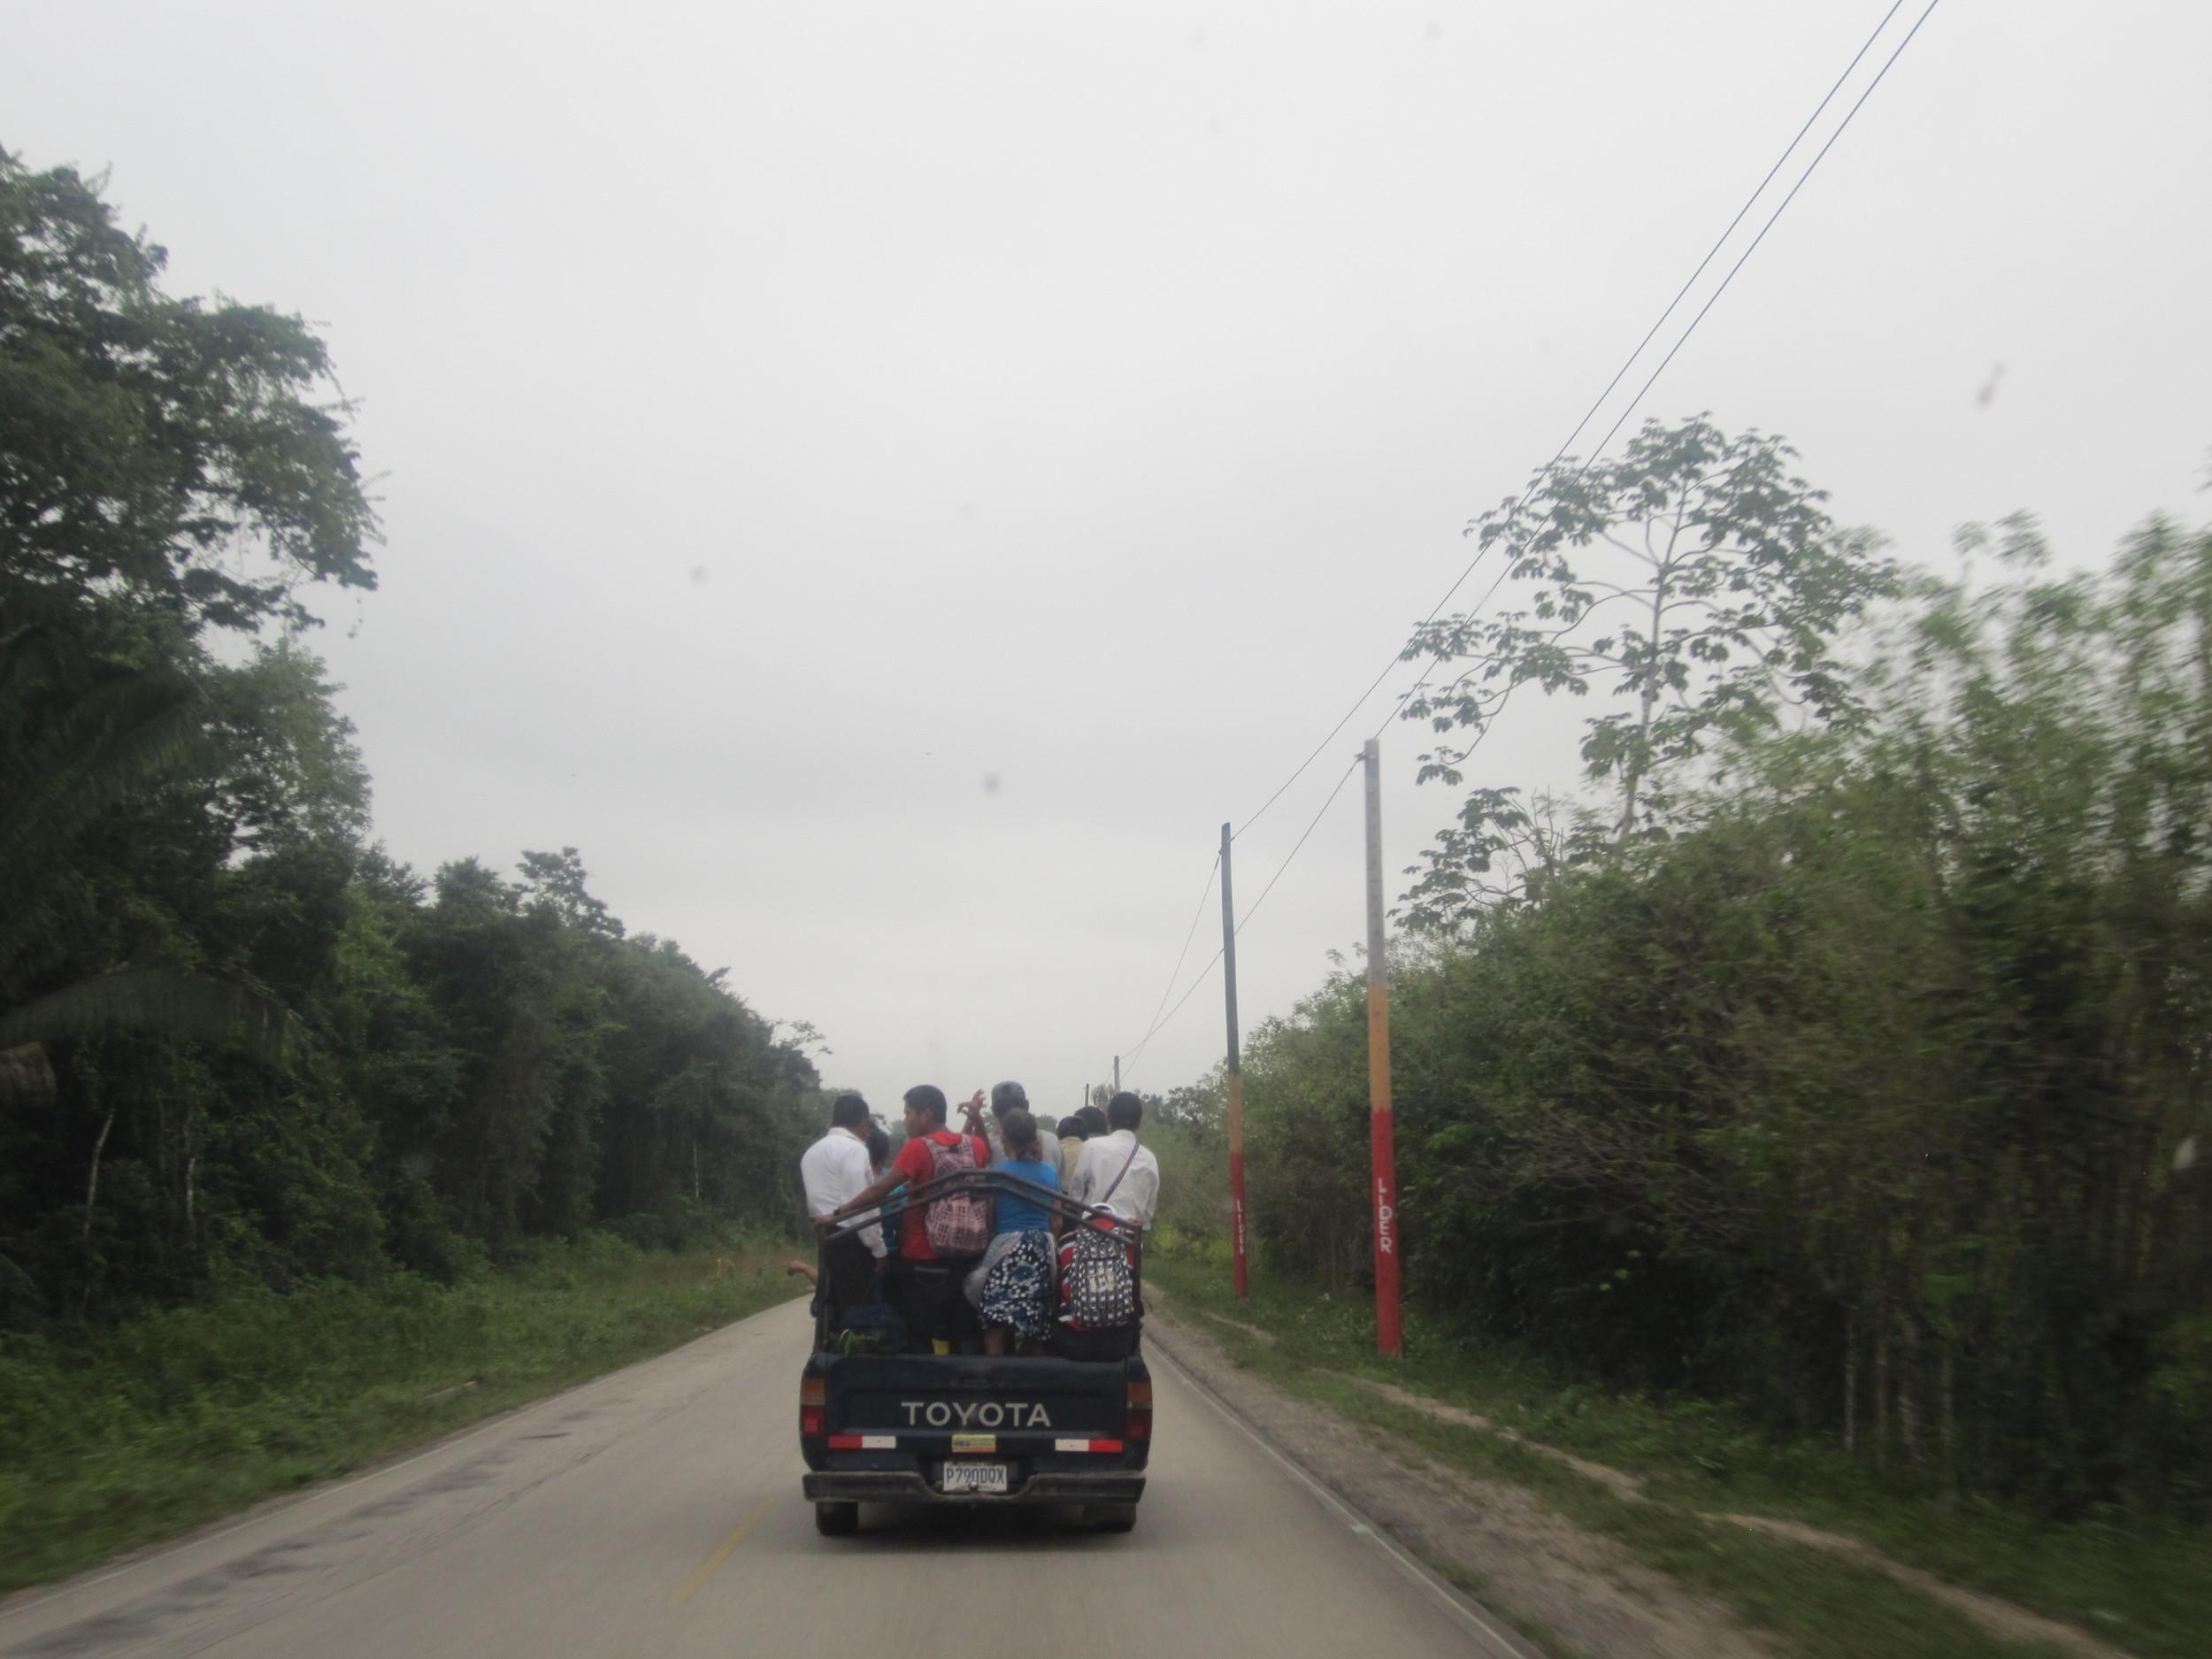 2015-01-09_Guatemala_Dylan_Pu.Ying.Huang427.JPG